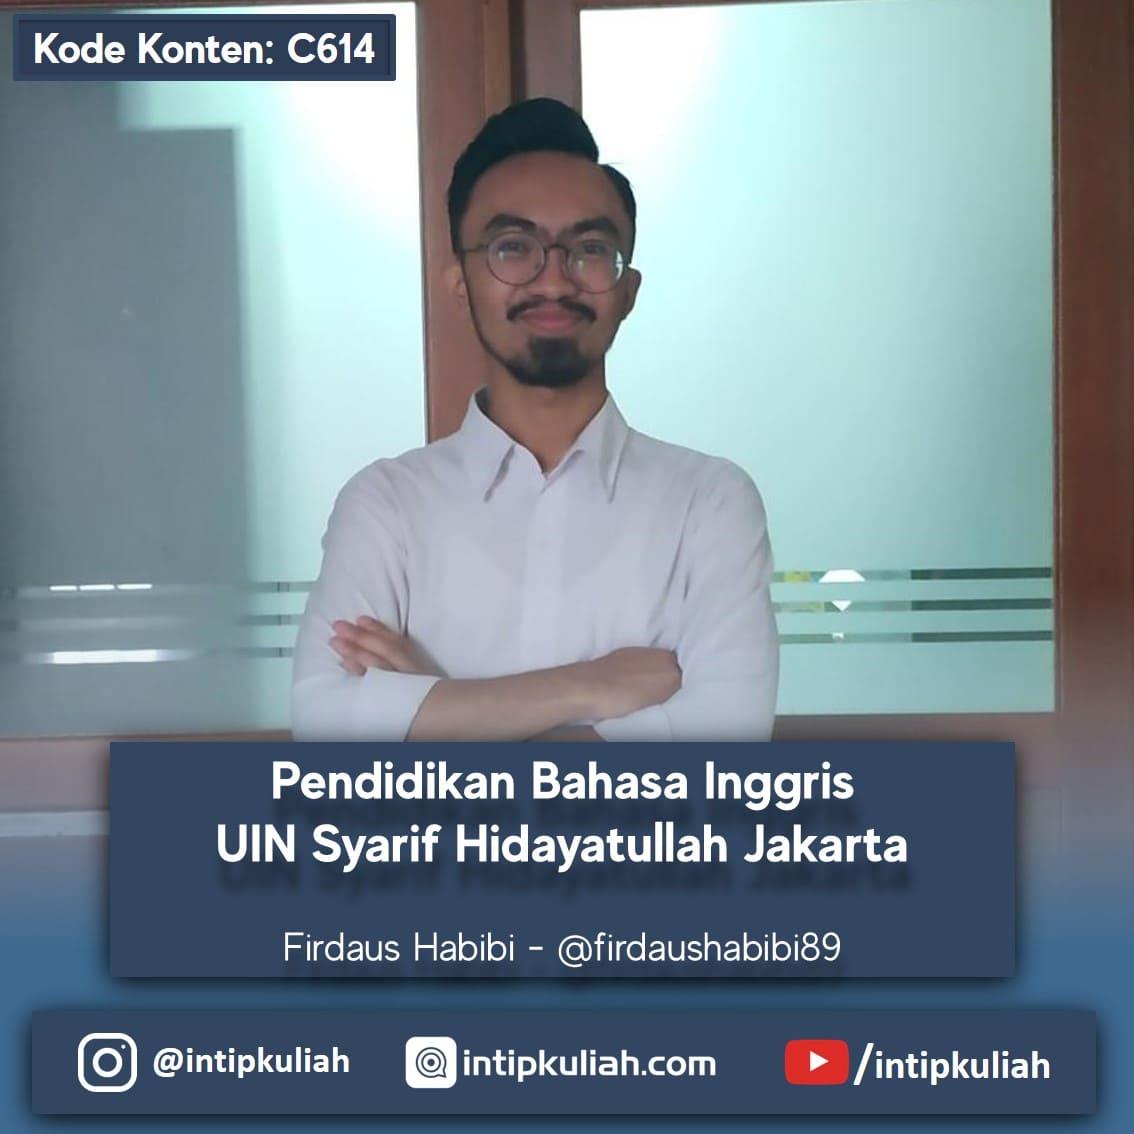 Pendidikan Bahasa Inggris UIN Syarif Hidayatullah (Firdaus)